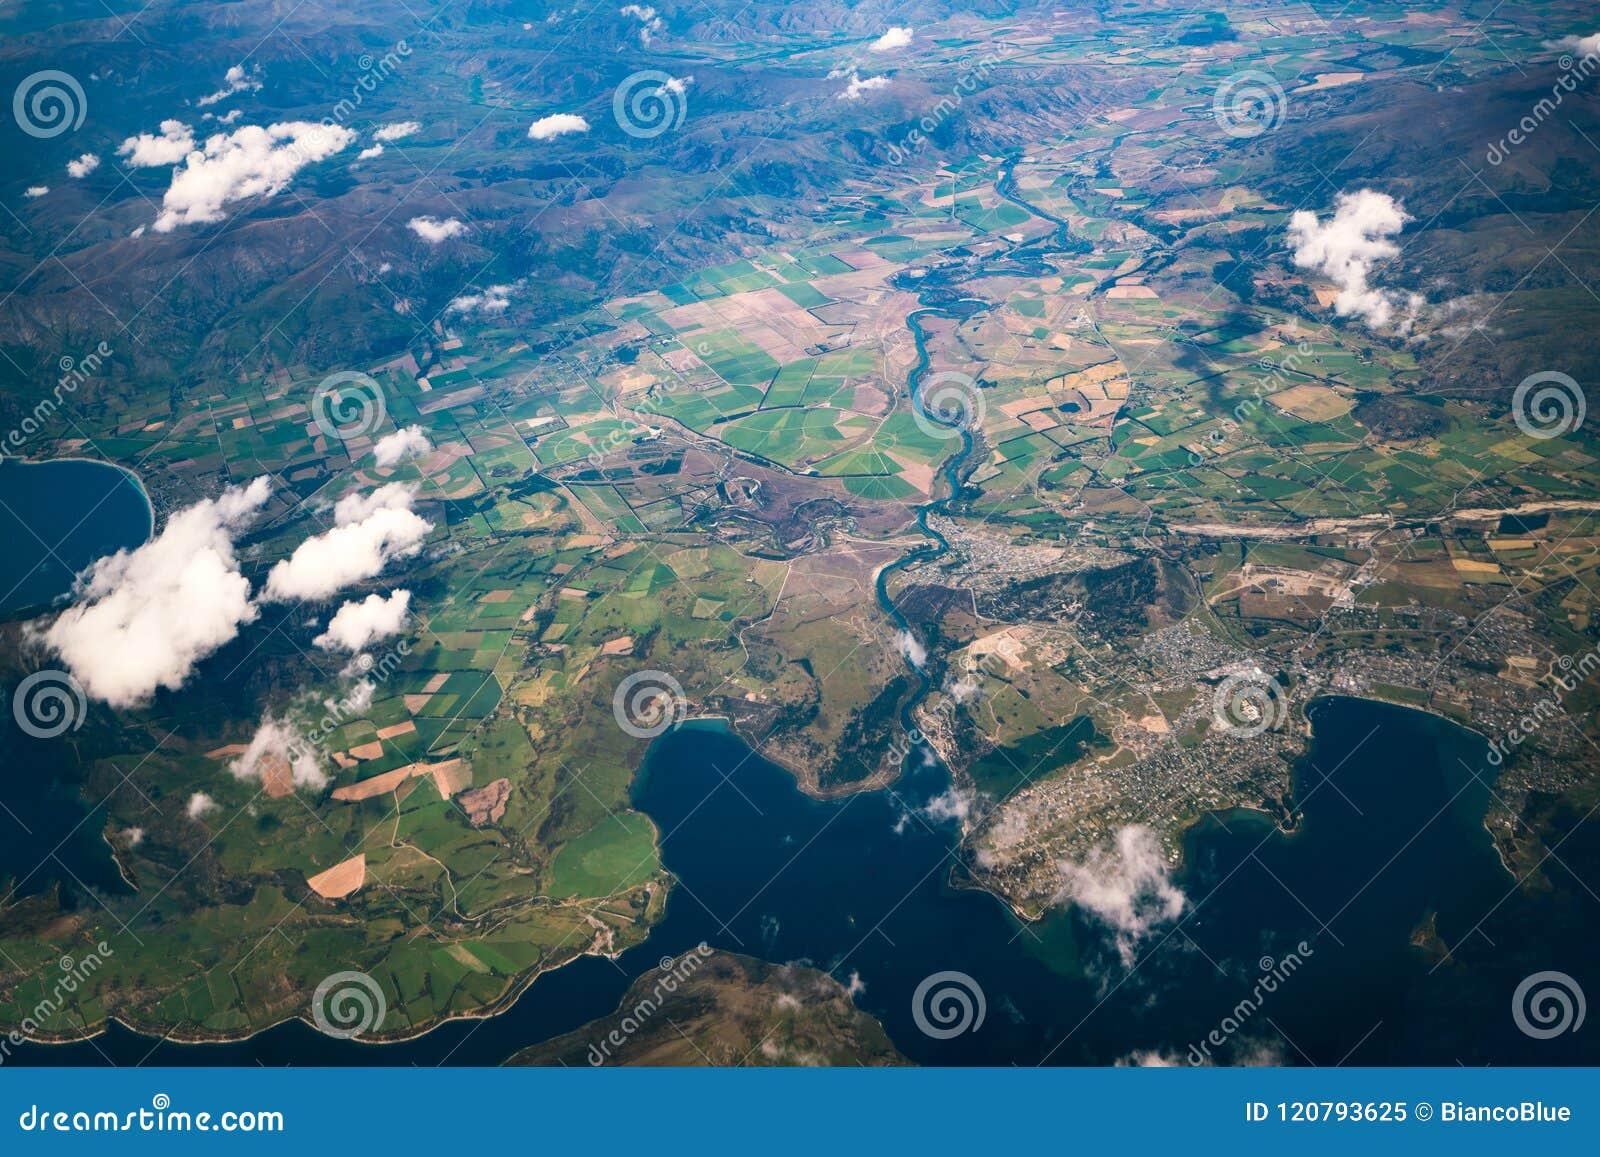 Вид с воздуха горных цепей и ландшафта озера